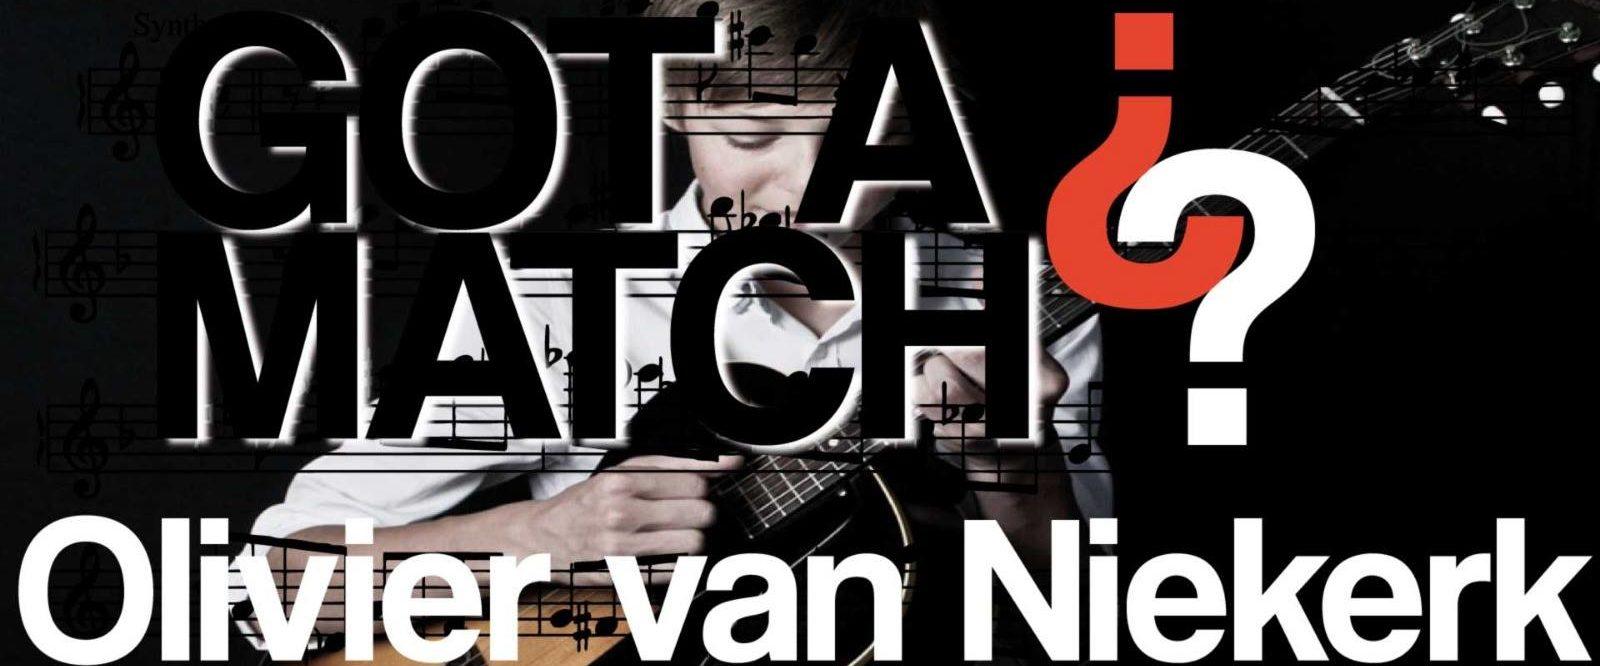 Got a Match? Olivier van Niekerk 2